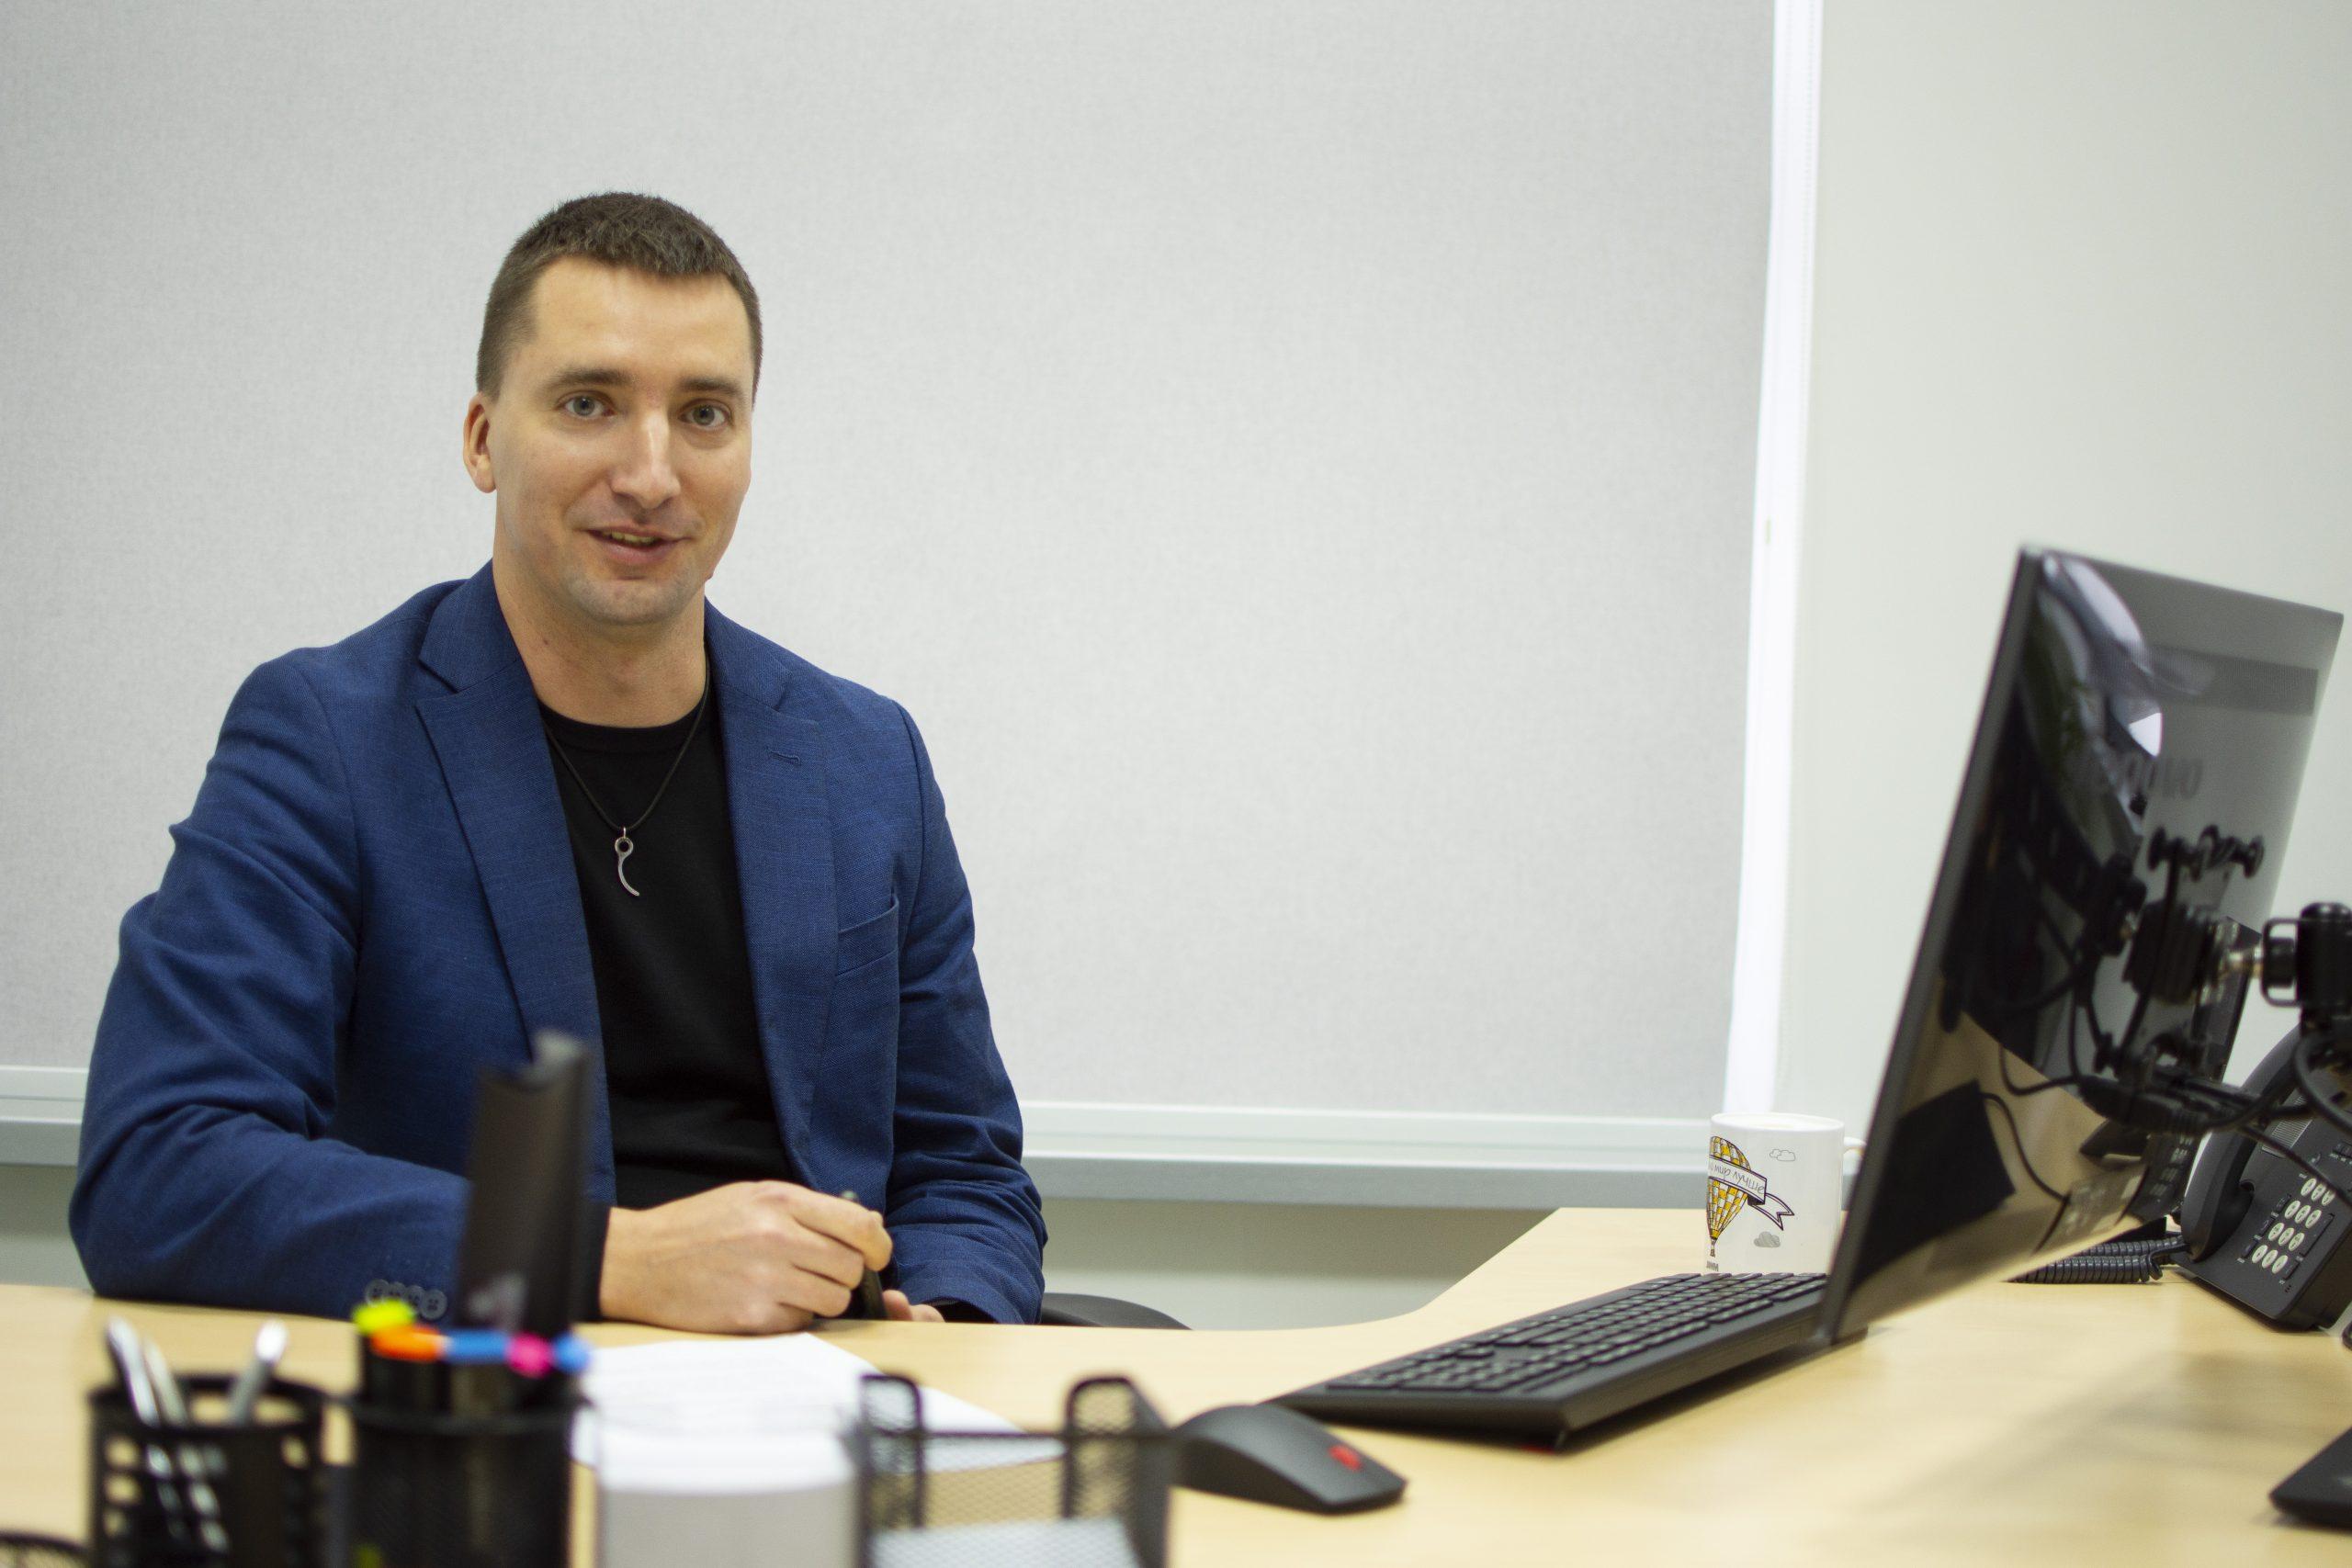 СВЕРХНОВАЯ LENOVO: как опыт менеджера по продажам помог топ-менеджеру вывести компанию в лидеры рынка